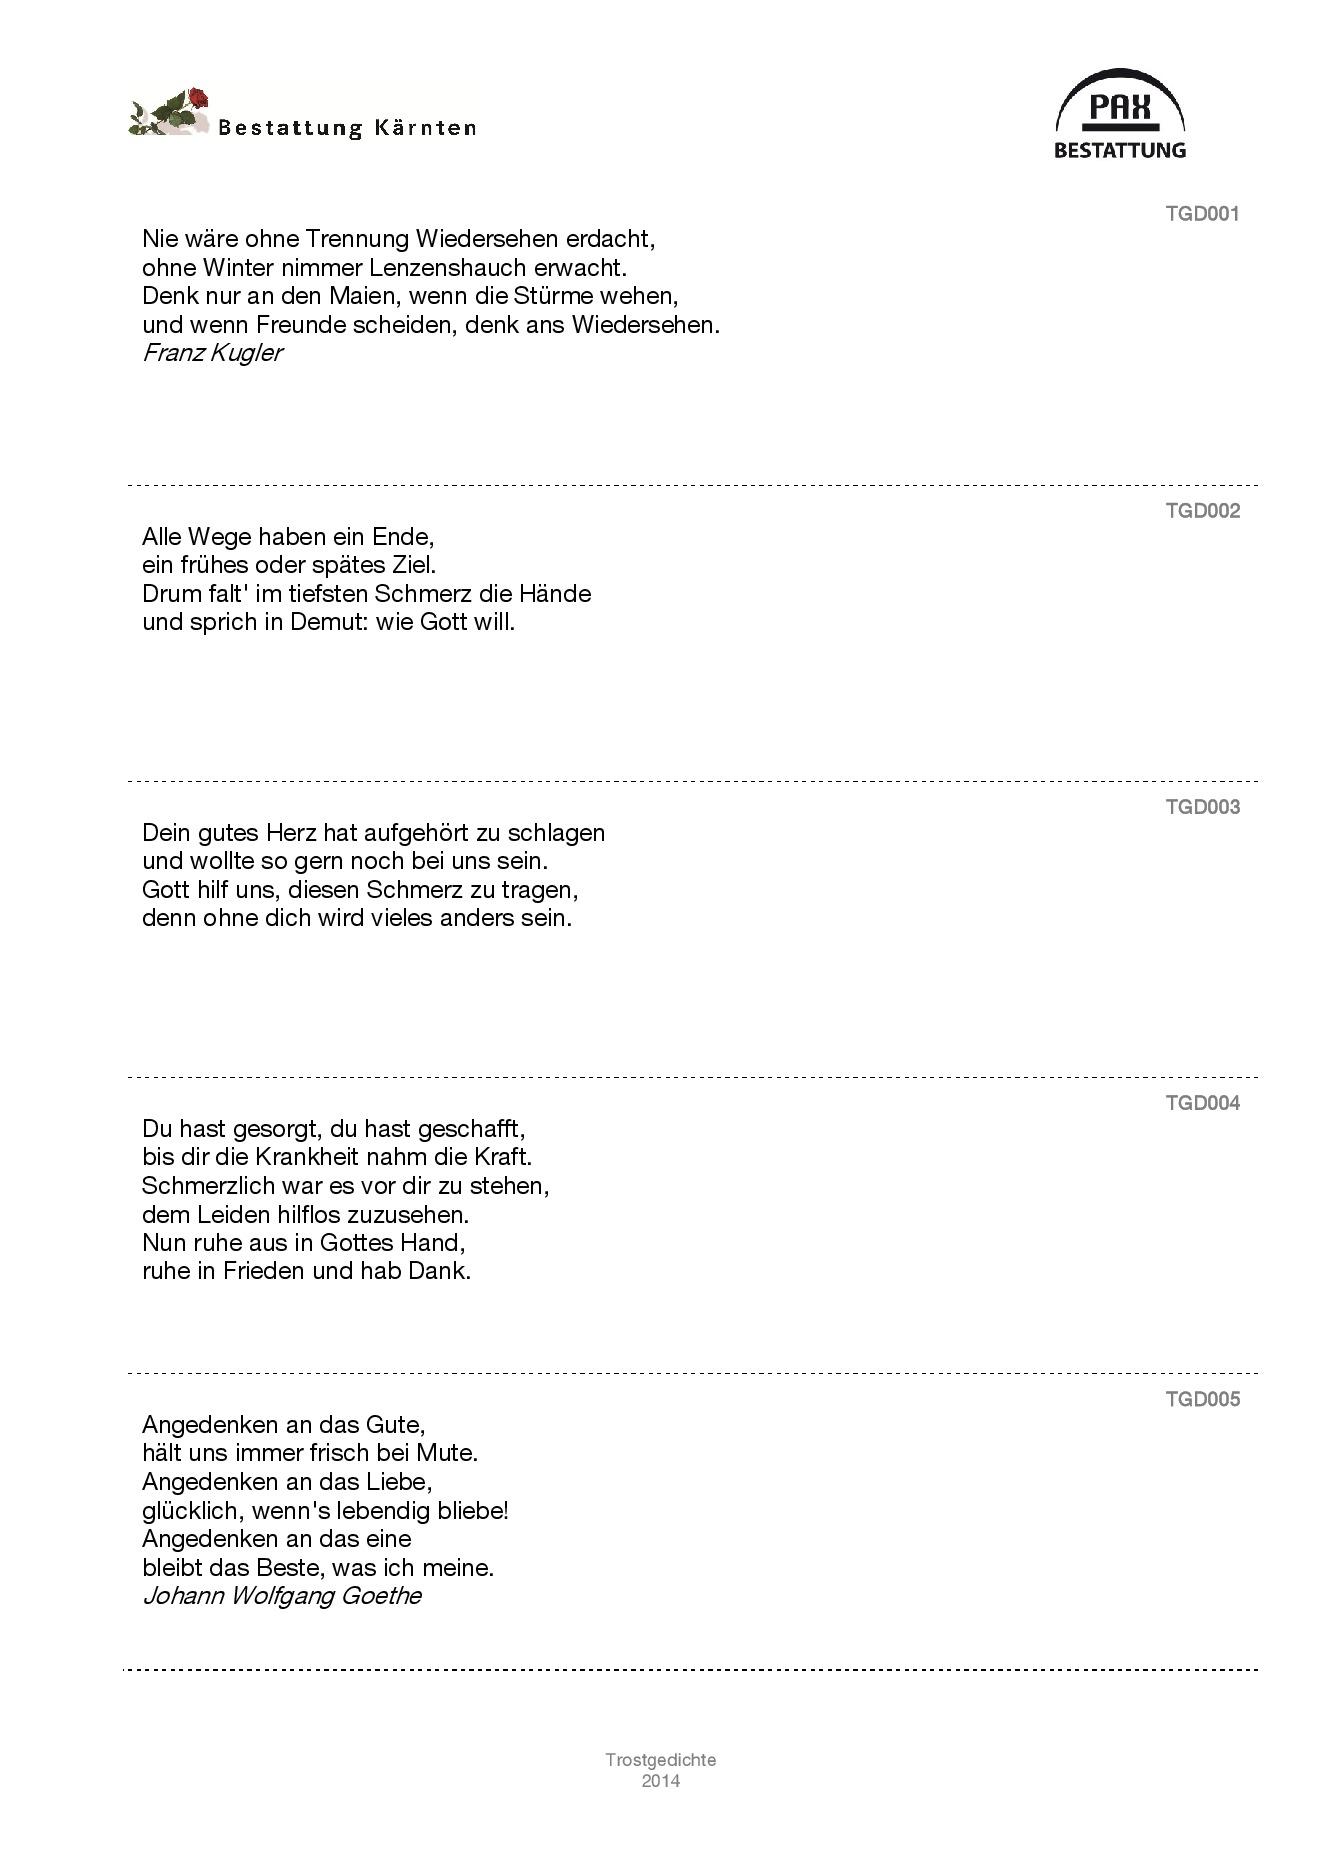 Am ende denk ich nur an dich lyrics